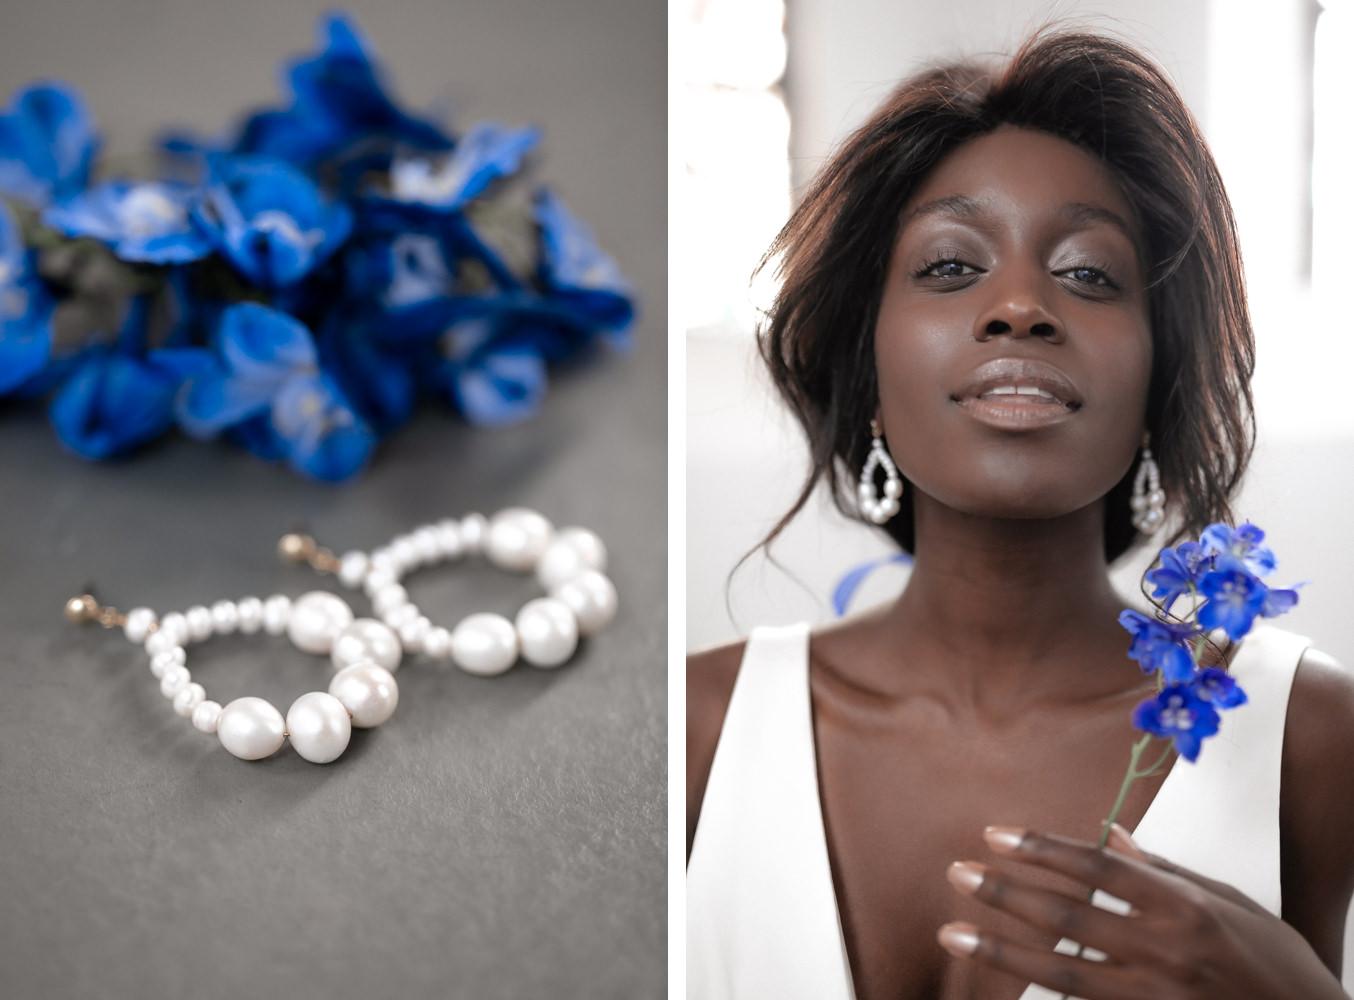 Brautschmuck von Juvelan und Braut Portrait mit Blume